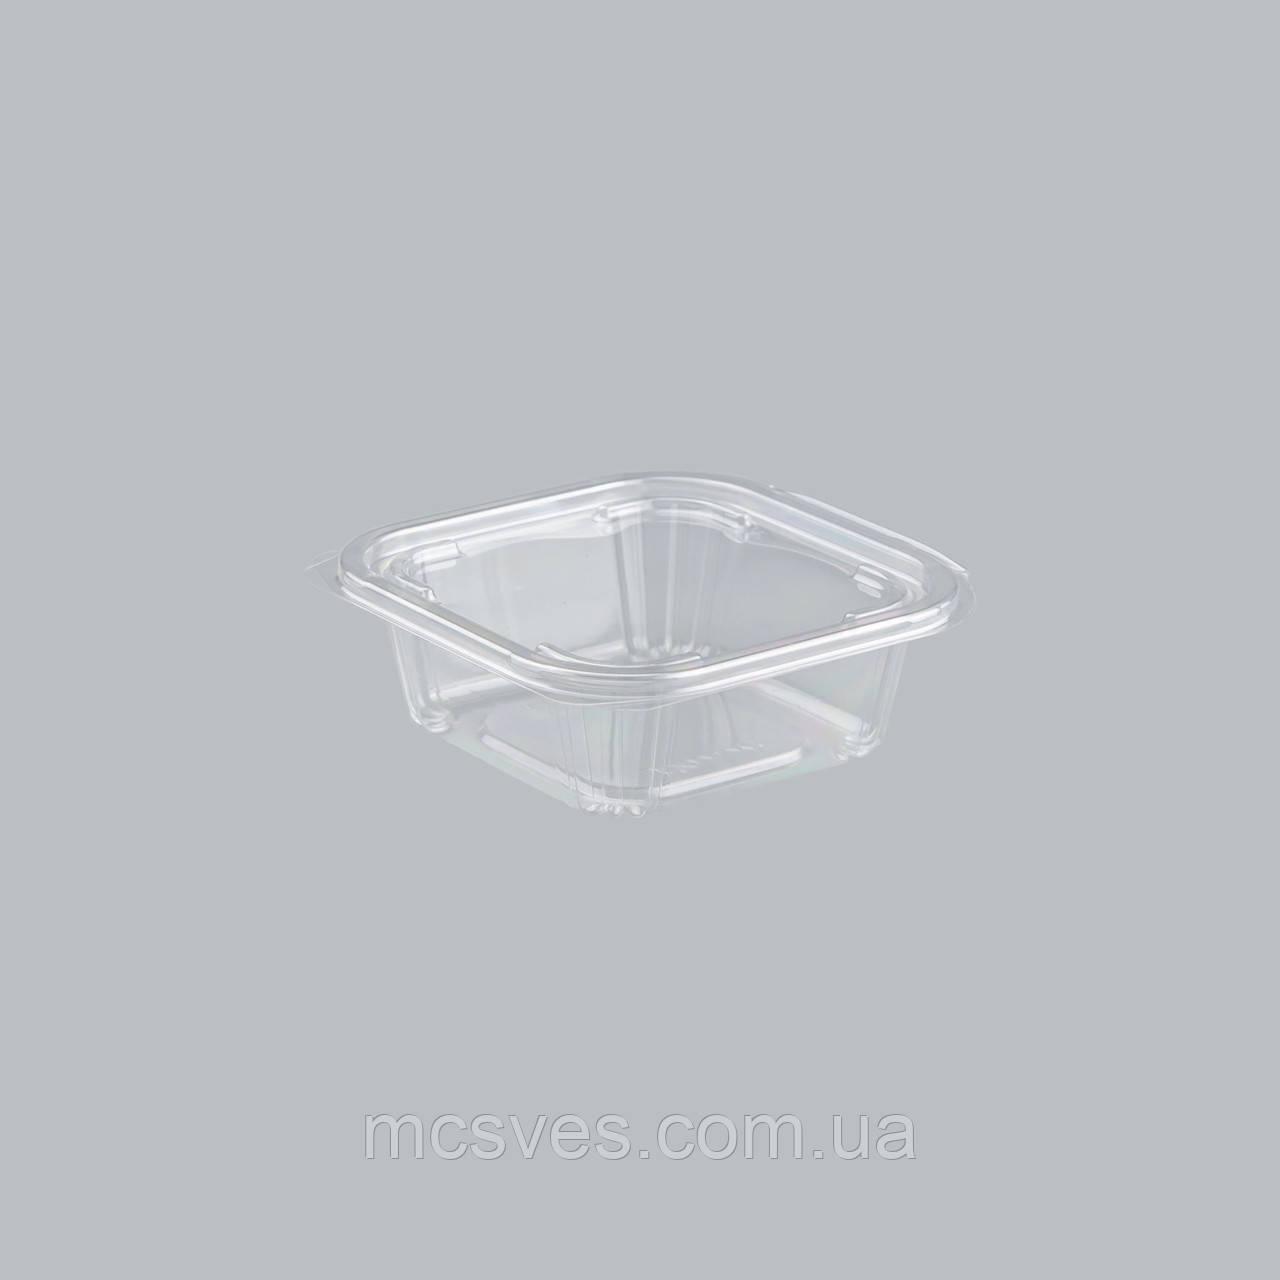 Упаковка для салатов безреберная с совместной крышкой РКСП-350, 450 шт/уп